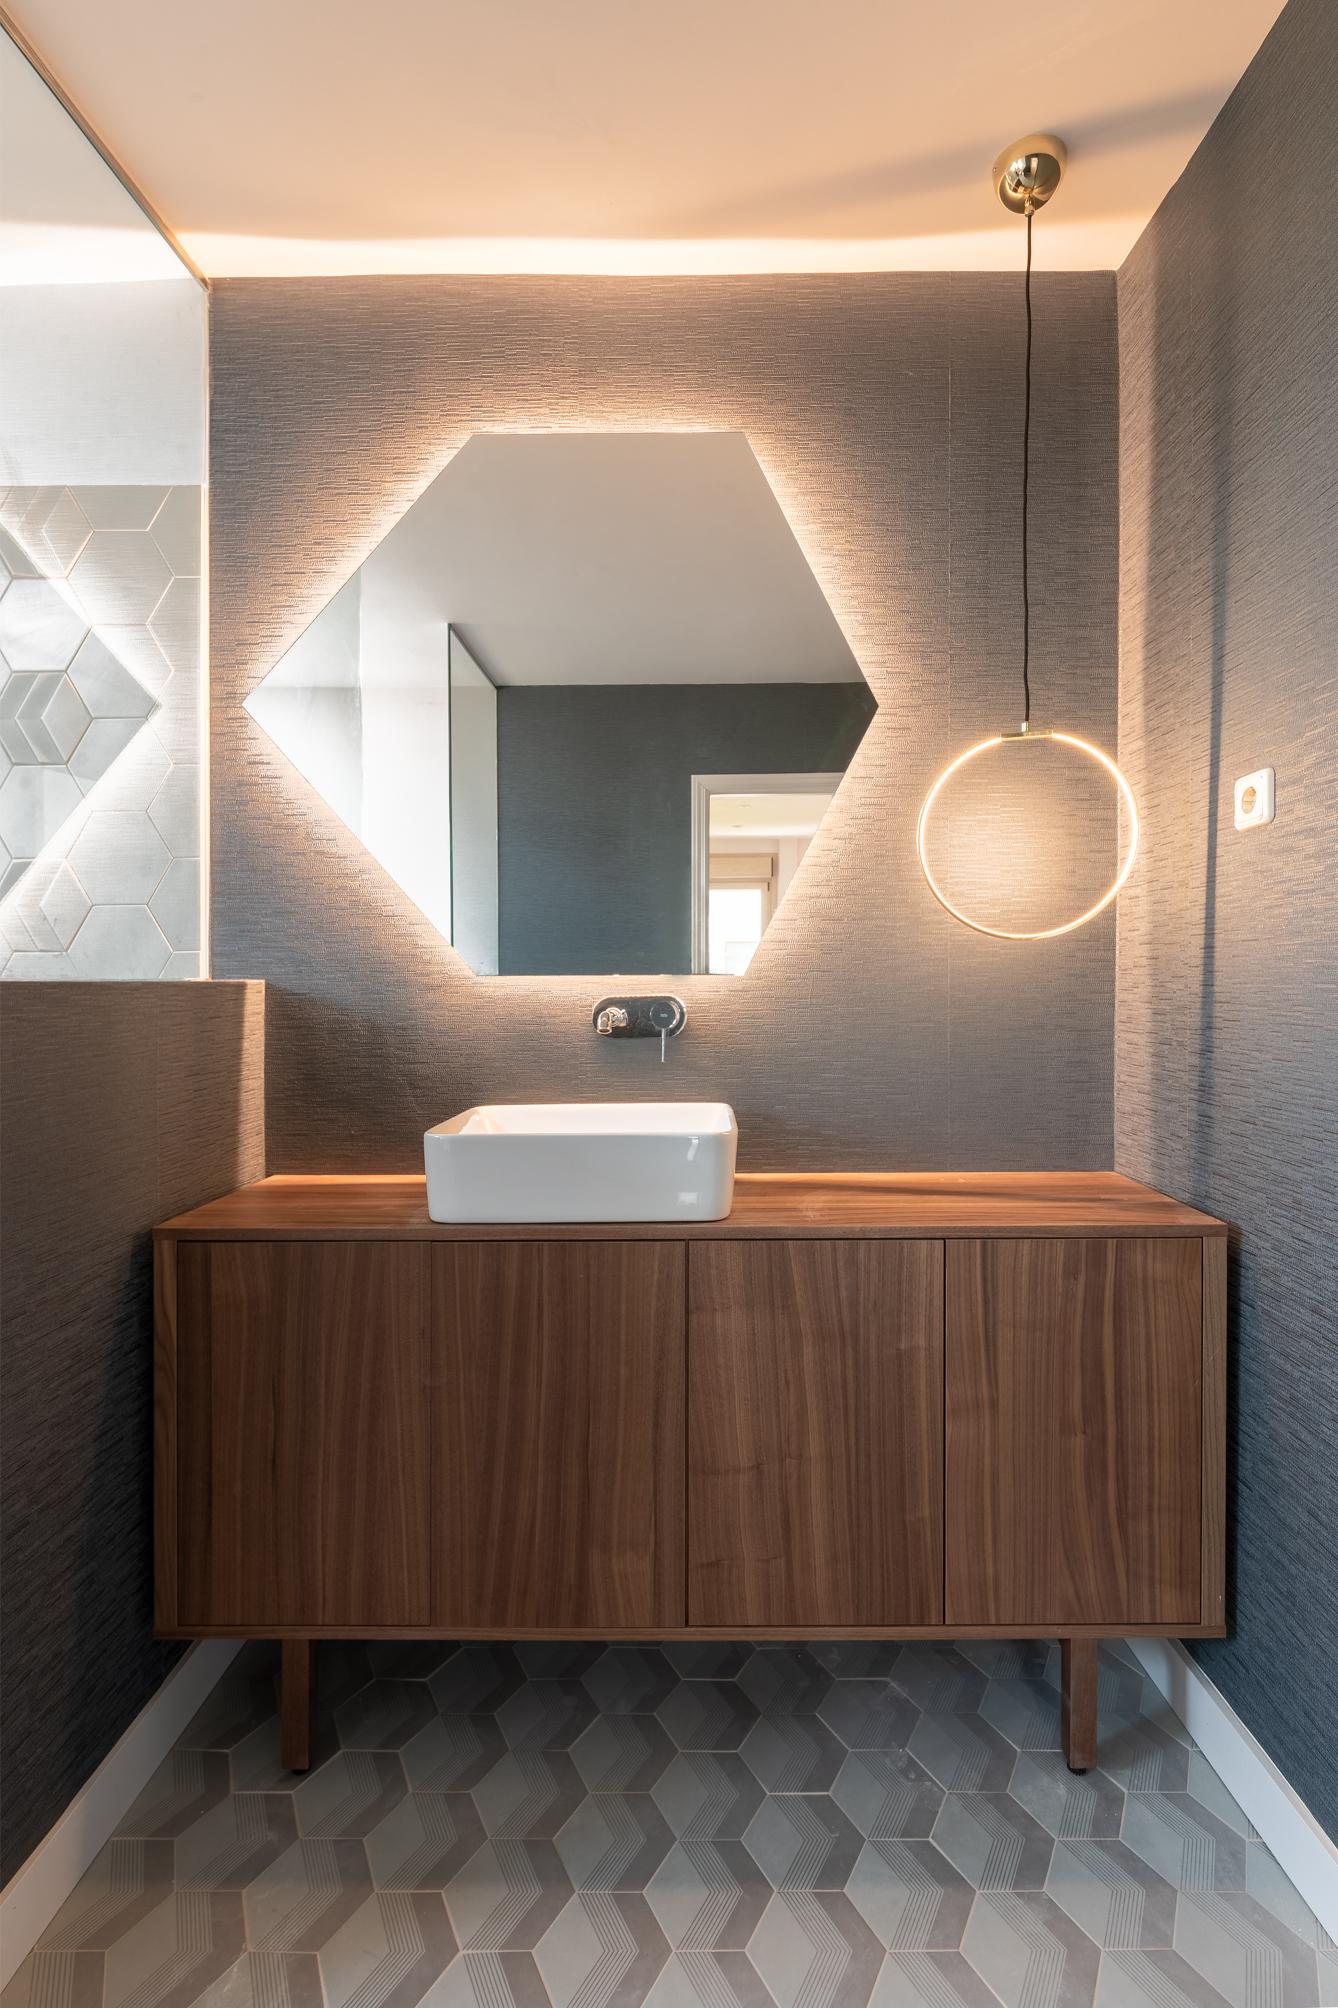 Reforma de baño | Espejos geométricos y luces led